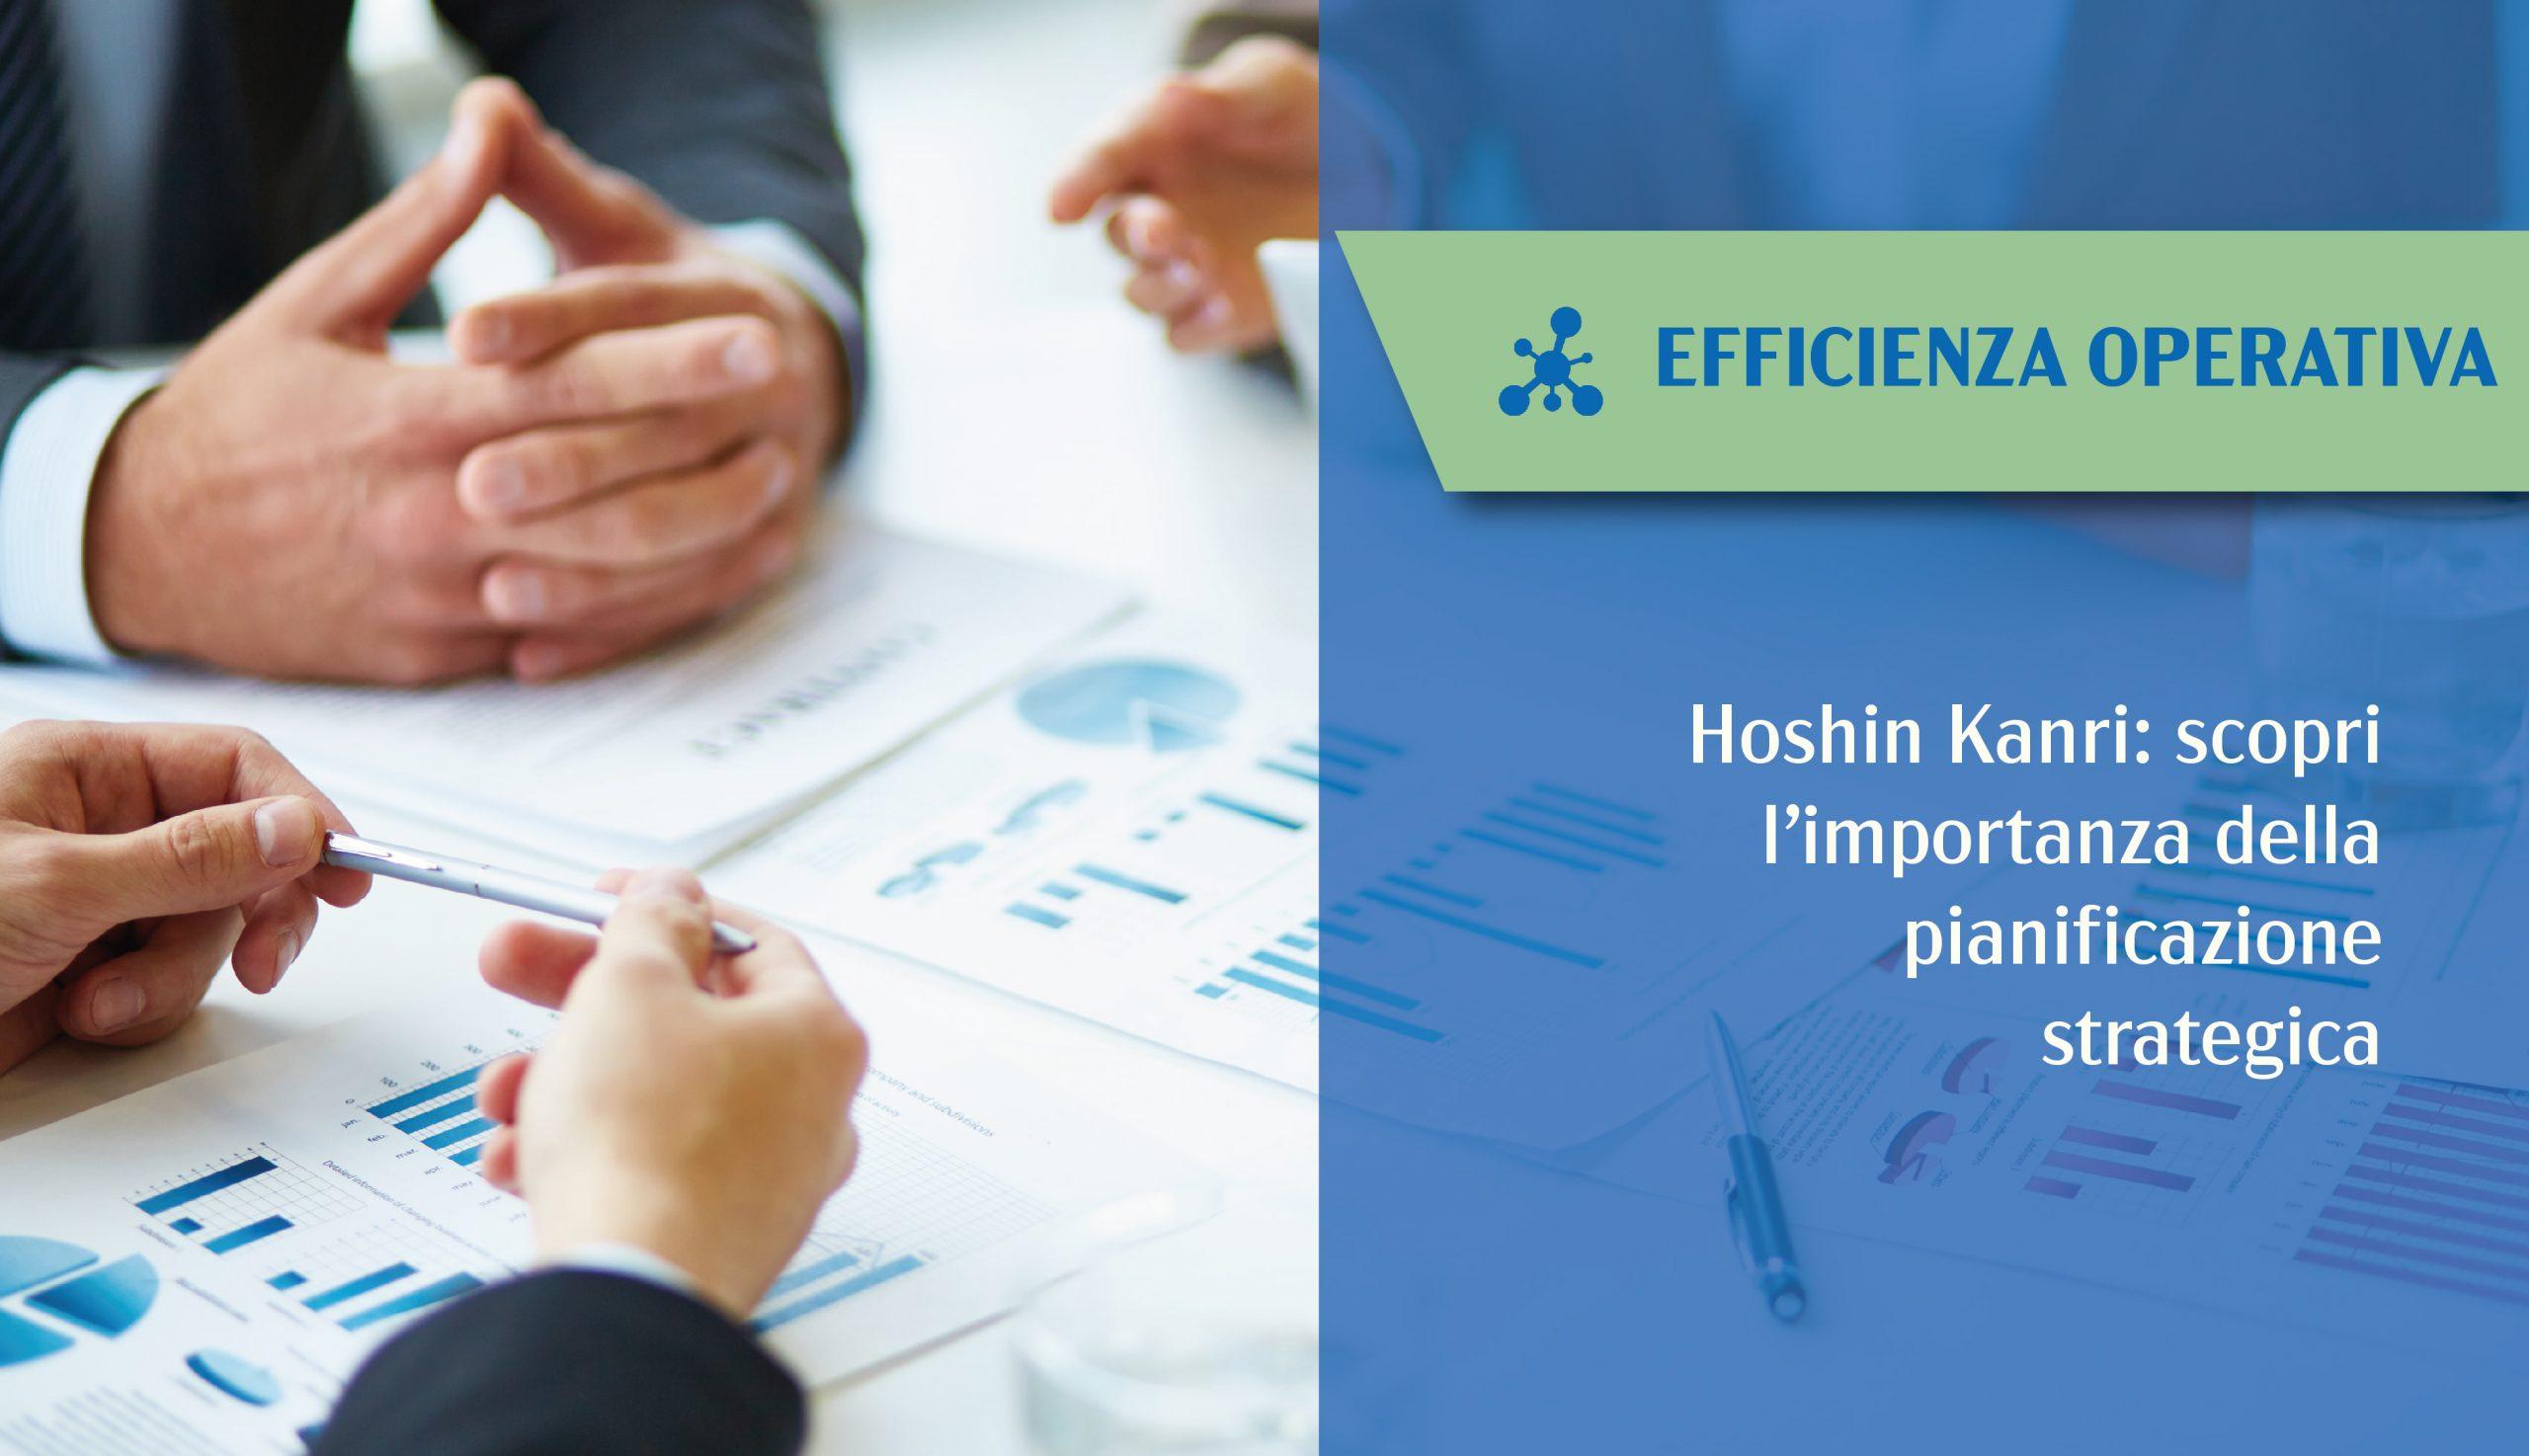 Hoshin Kanri pianificazione